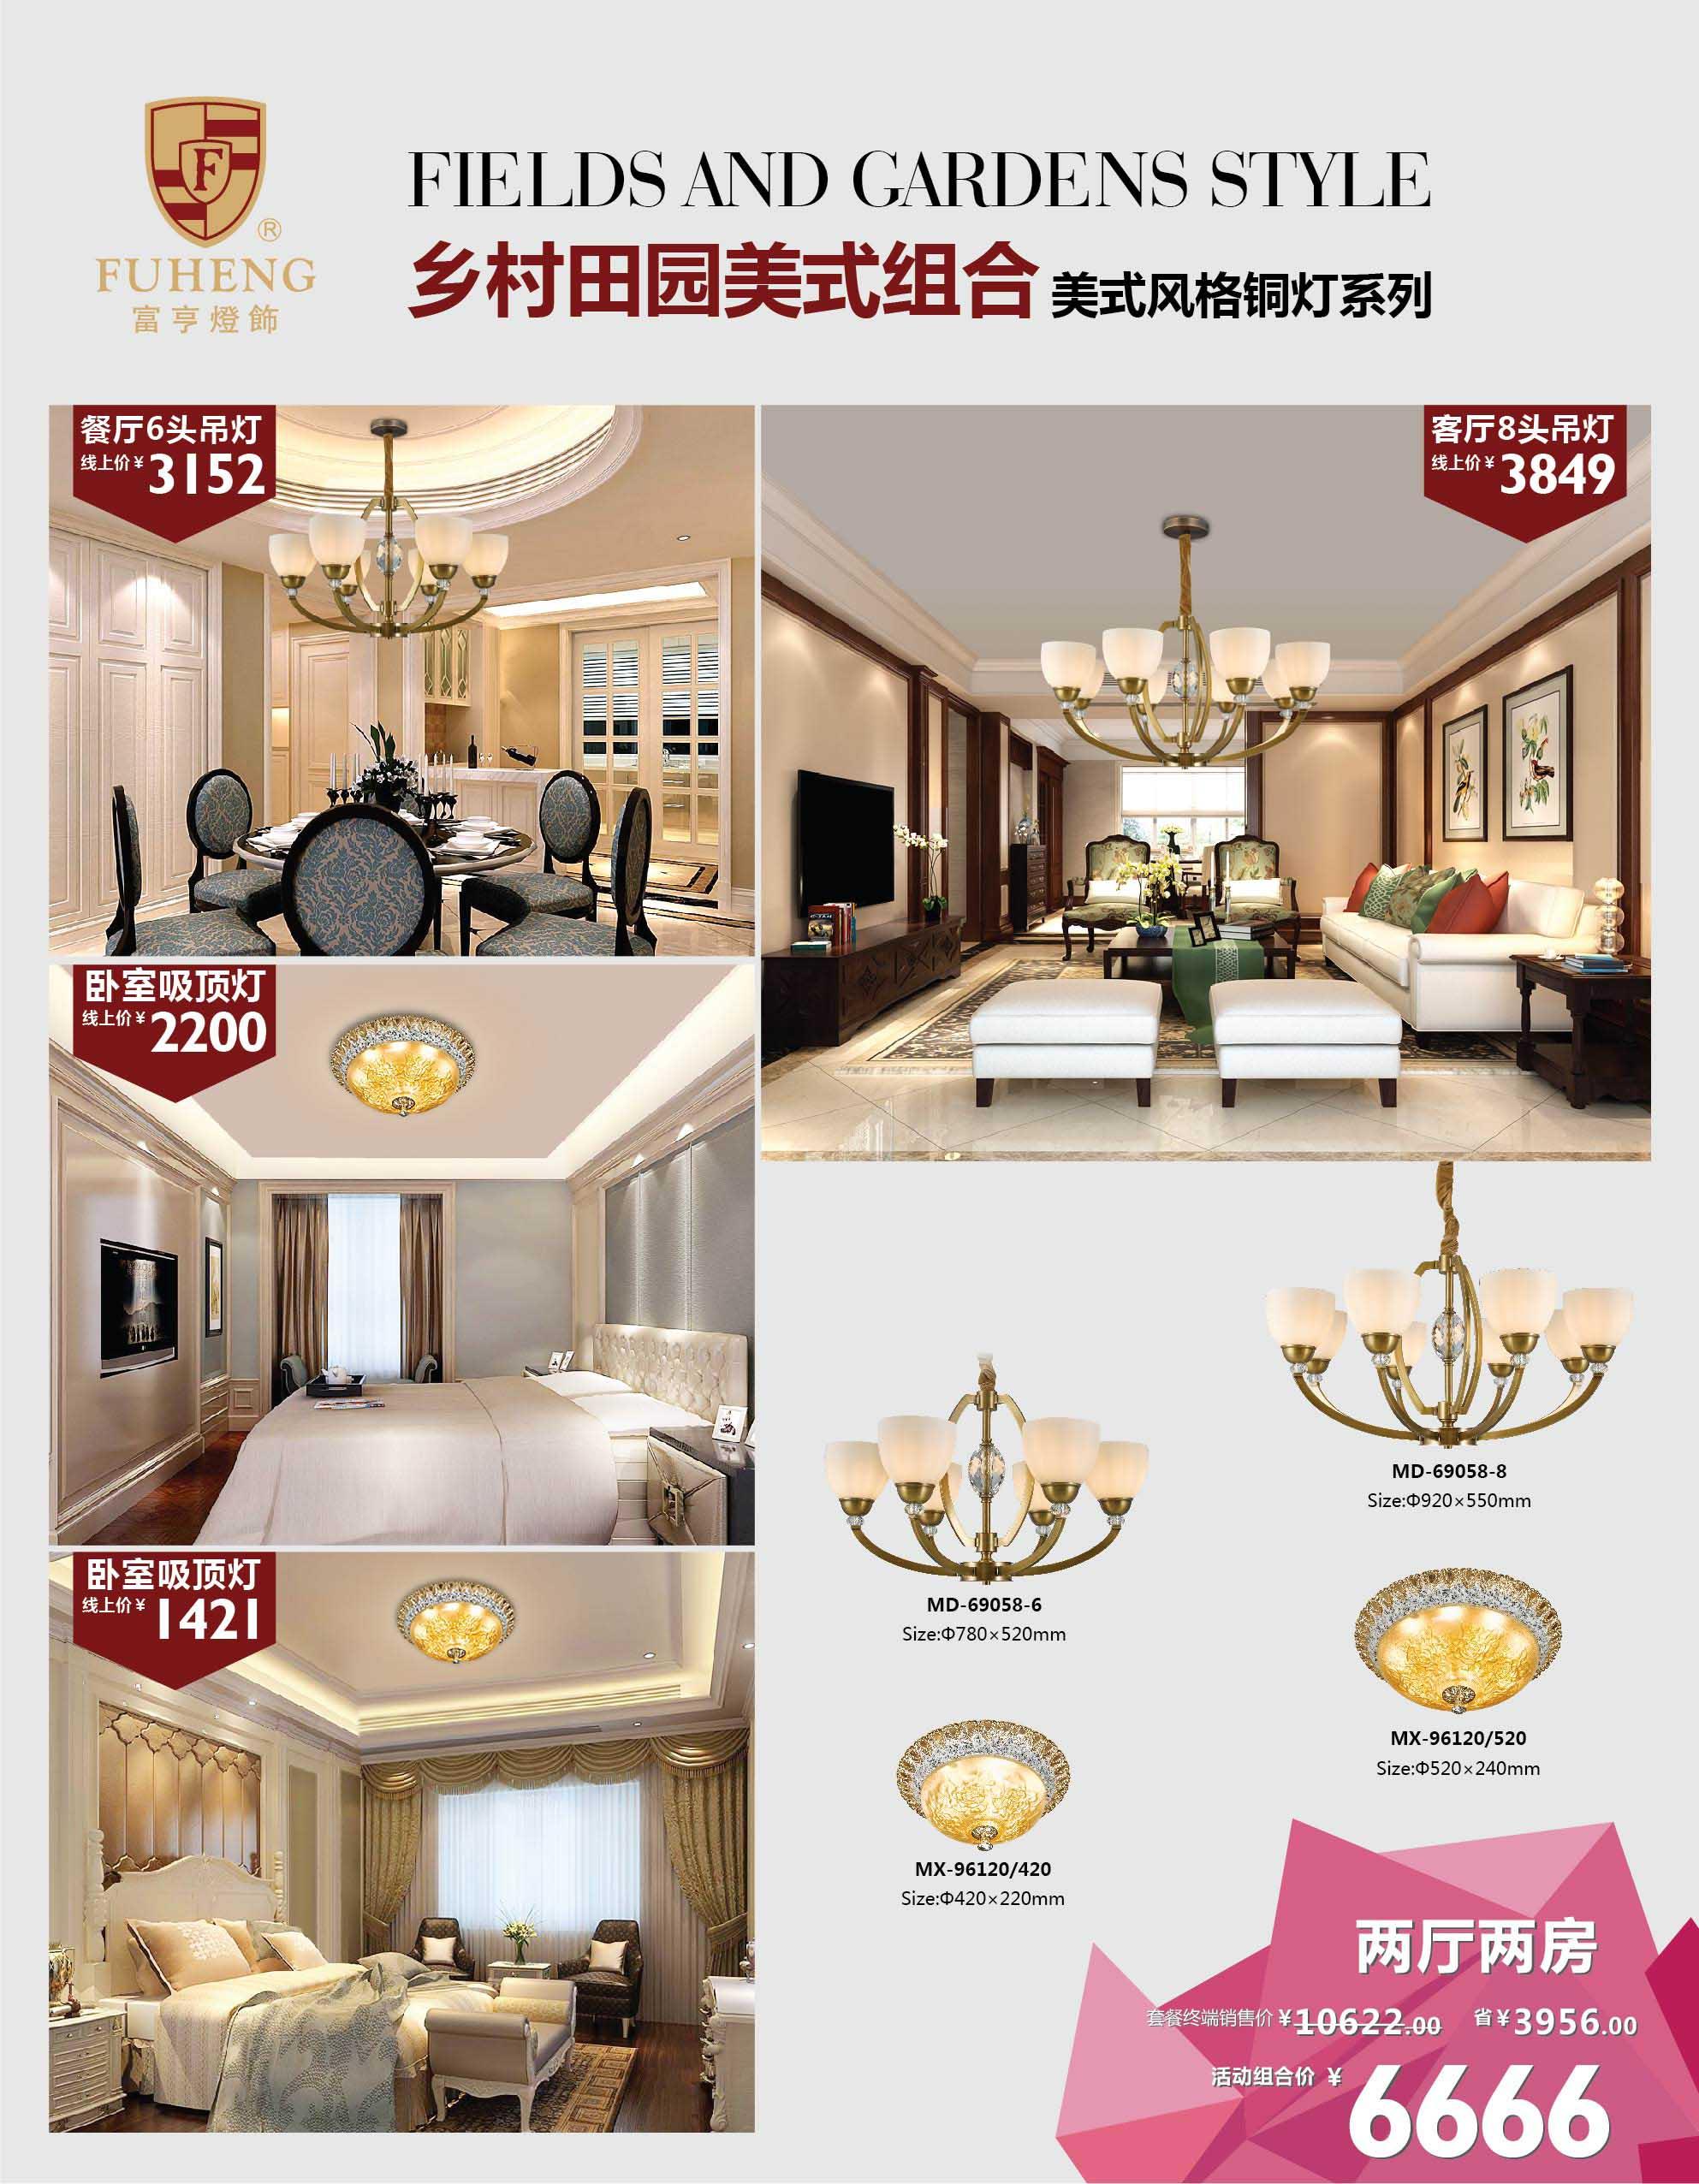 预售富亨欧式美式现代双层金水晶全铜灯组合吊灯灯具套餐别墅